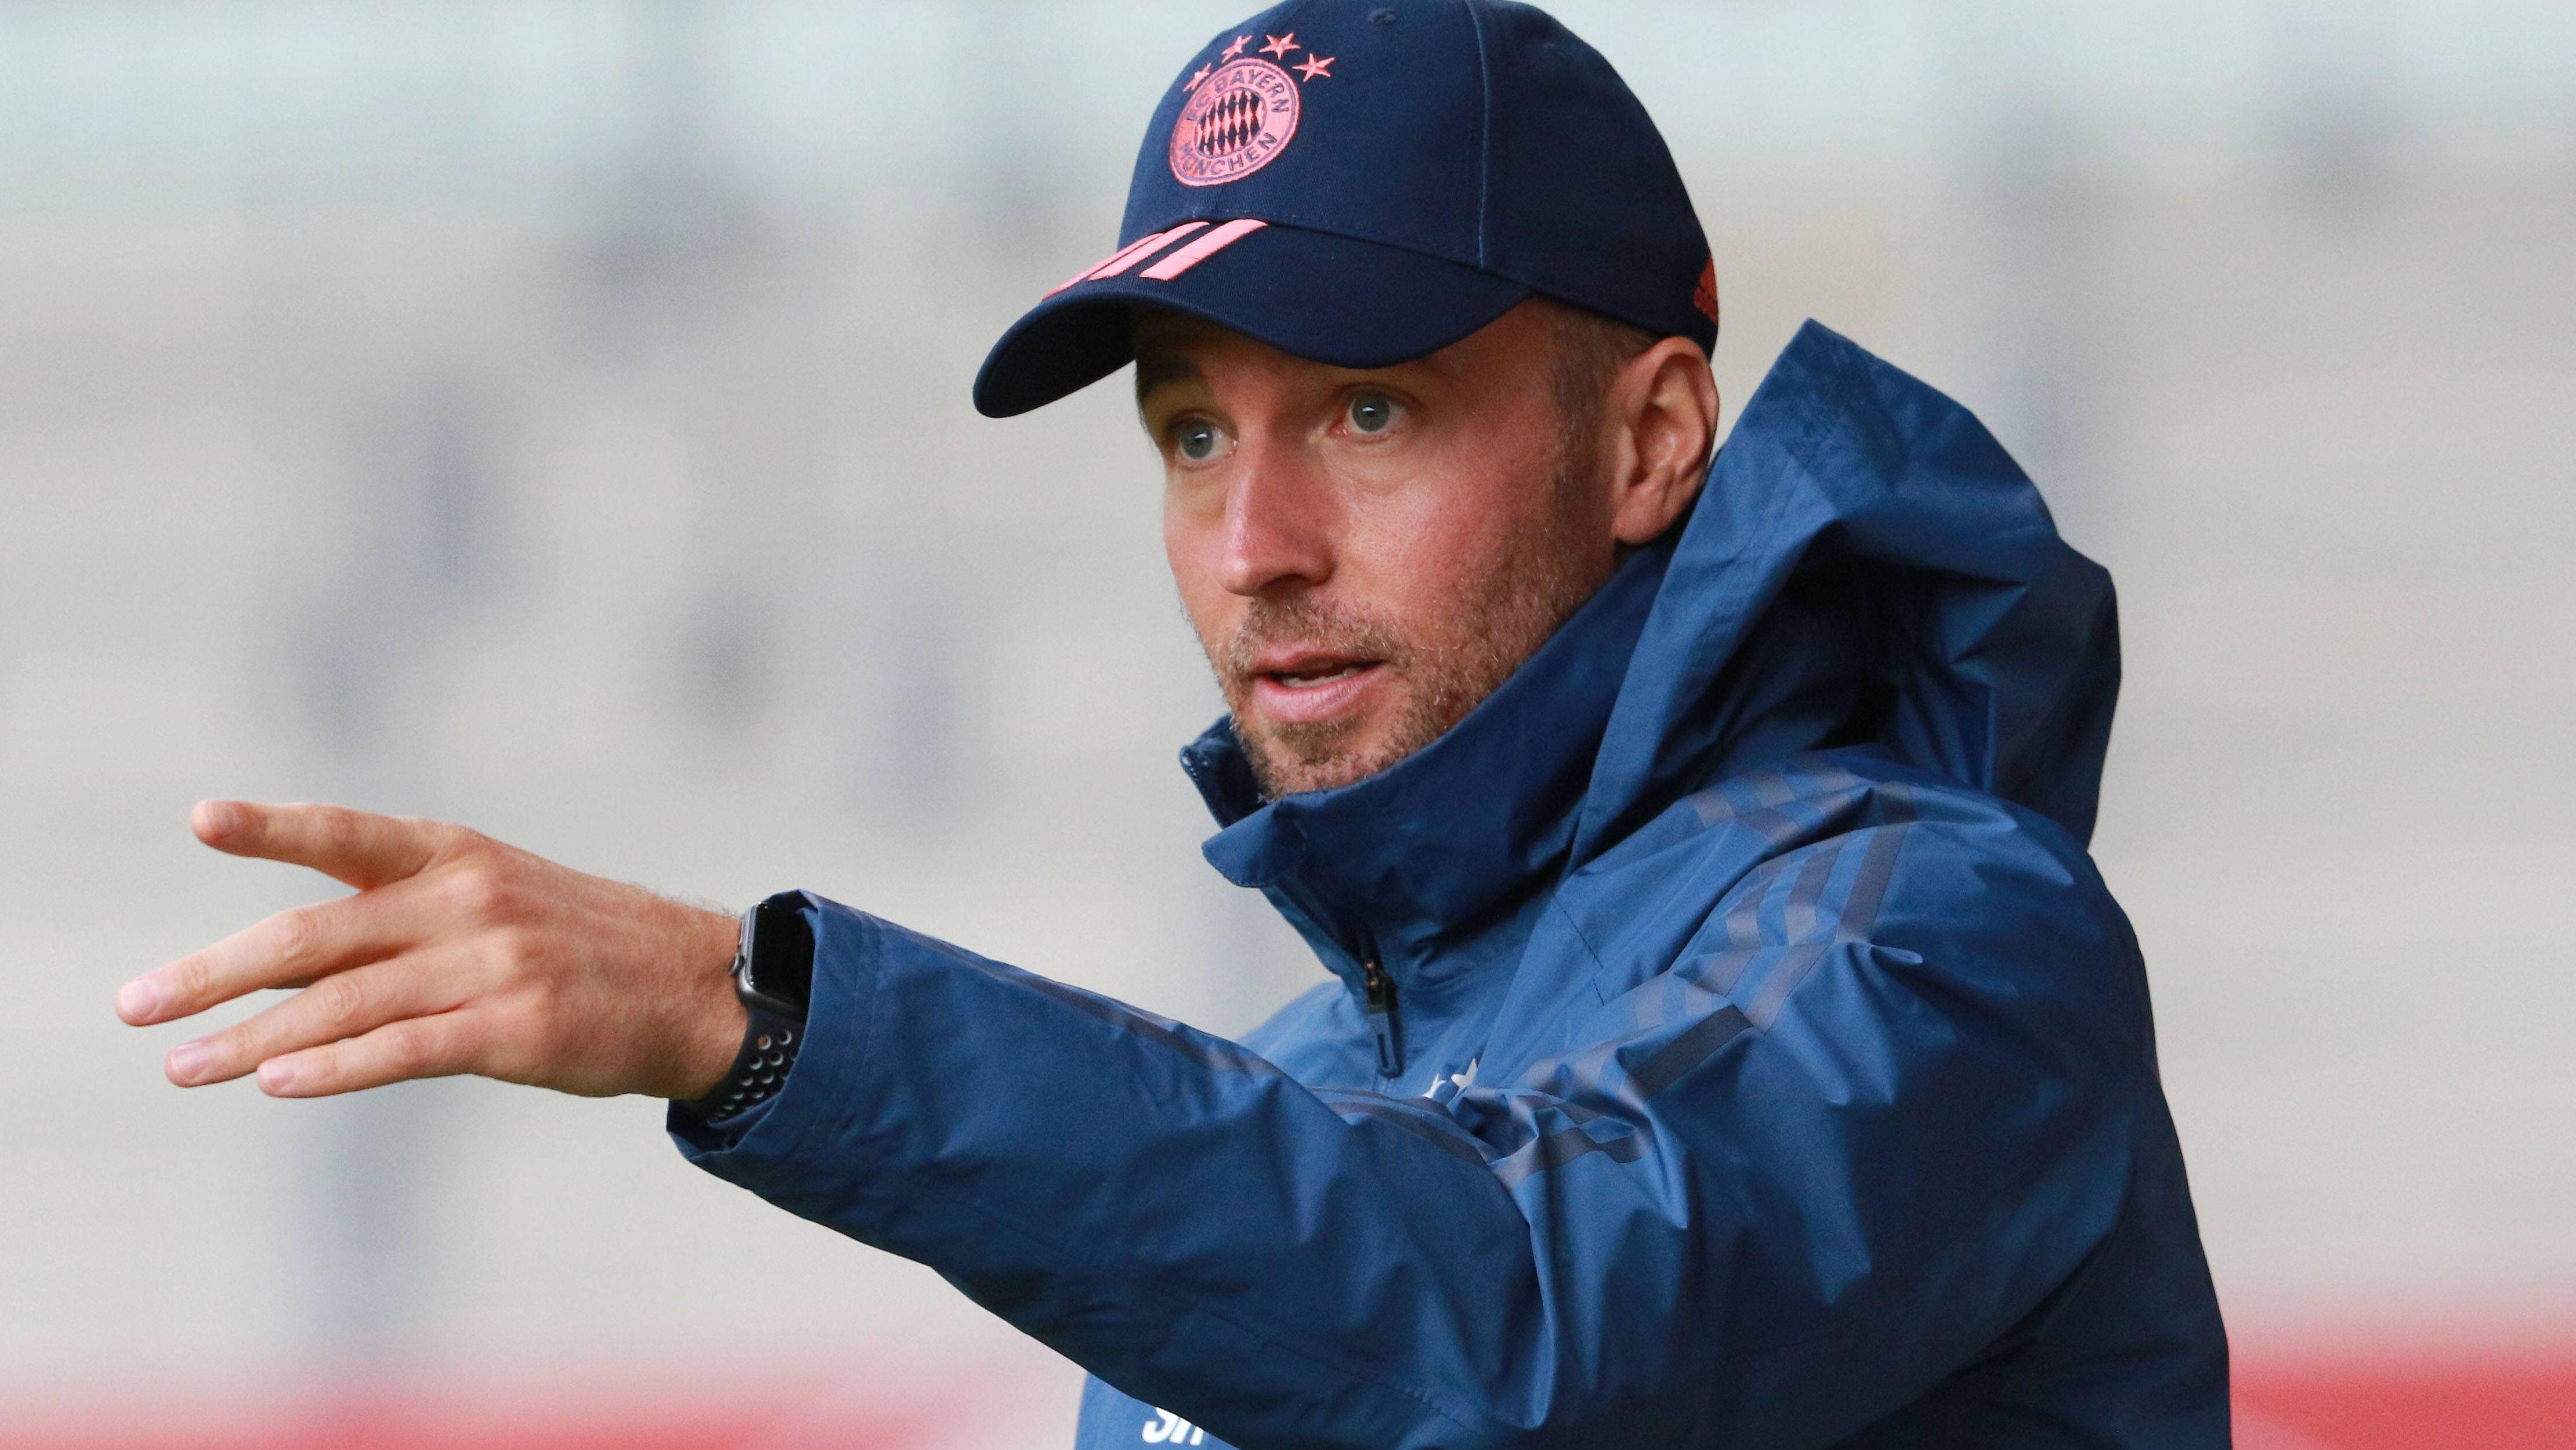 Sebastian Hoeneß, Trainer des FC Bayern München II, bei einem Vorbereitungsspiel